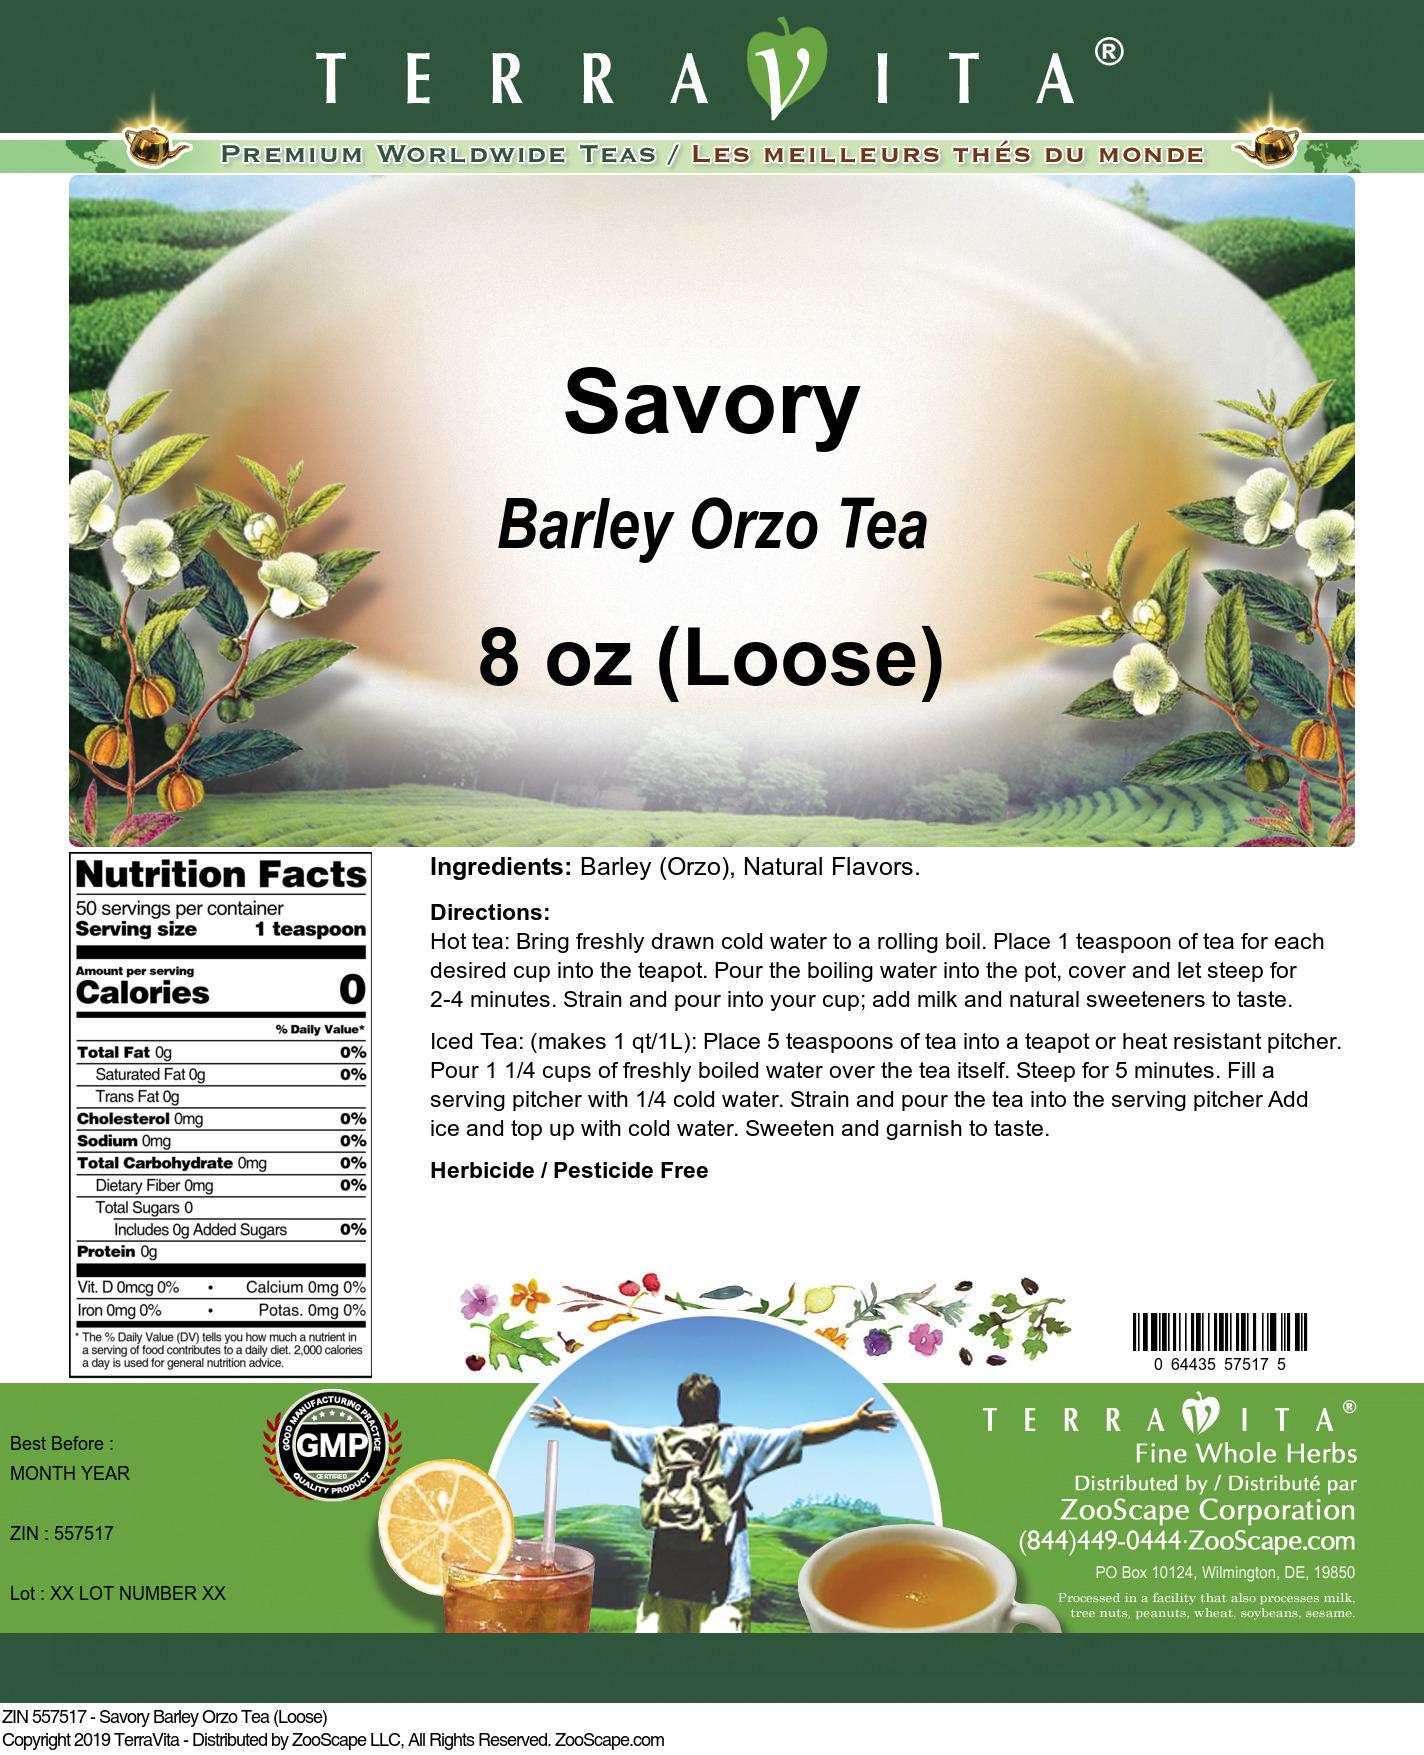 Savory Barley Orzo Tea (Loose)